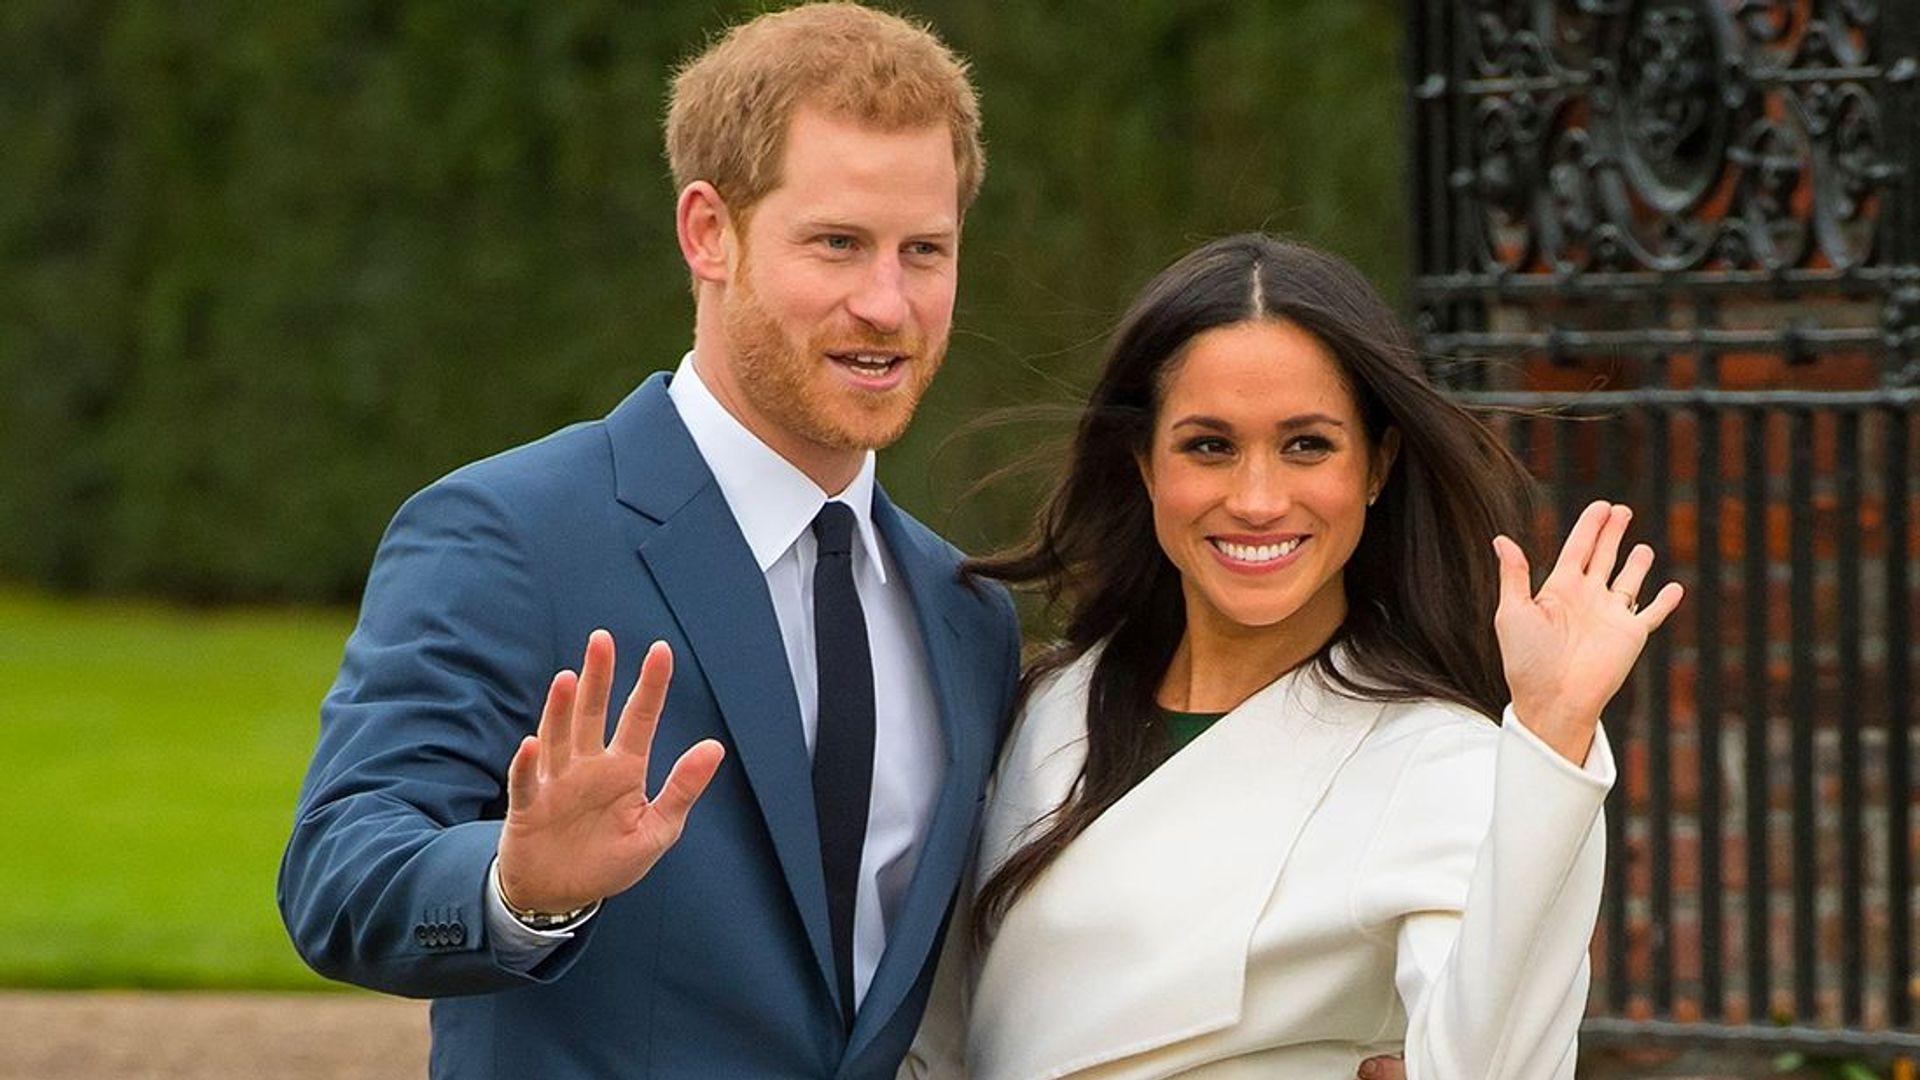 Découvrez Le Cadeau De Mariage Hors De Prix La Reine Dangleterre Au Prince Harry Et Meghan Markle